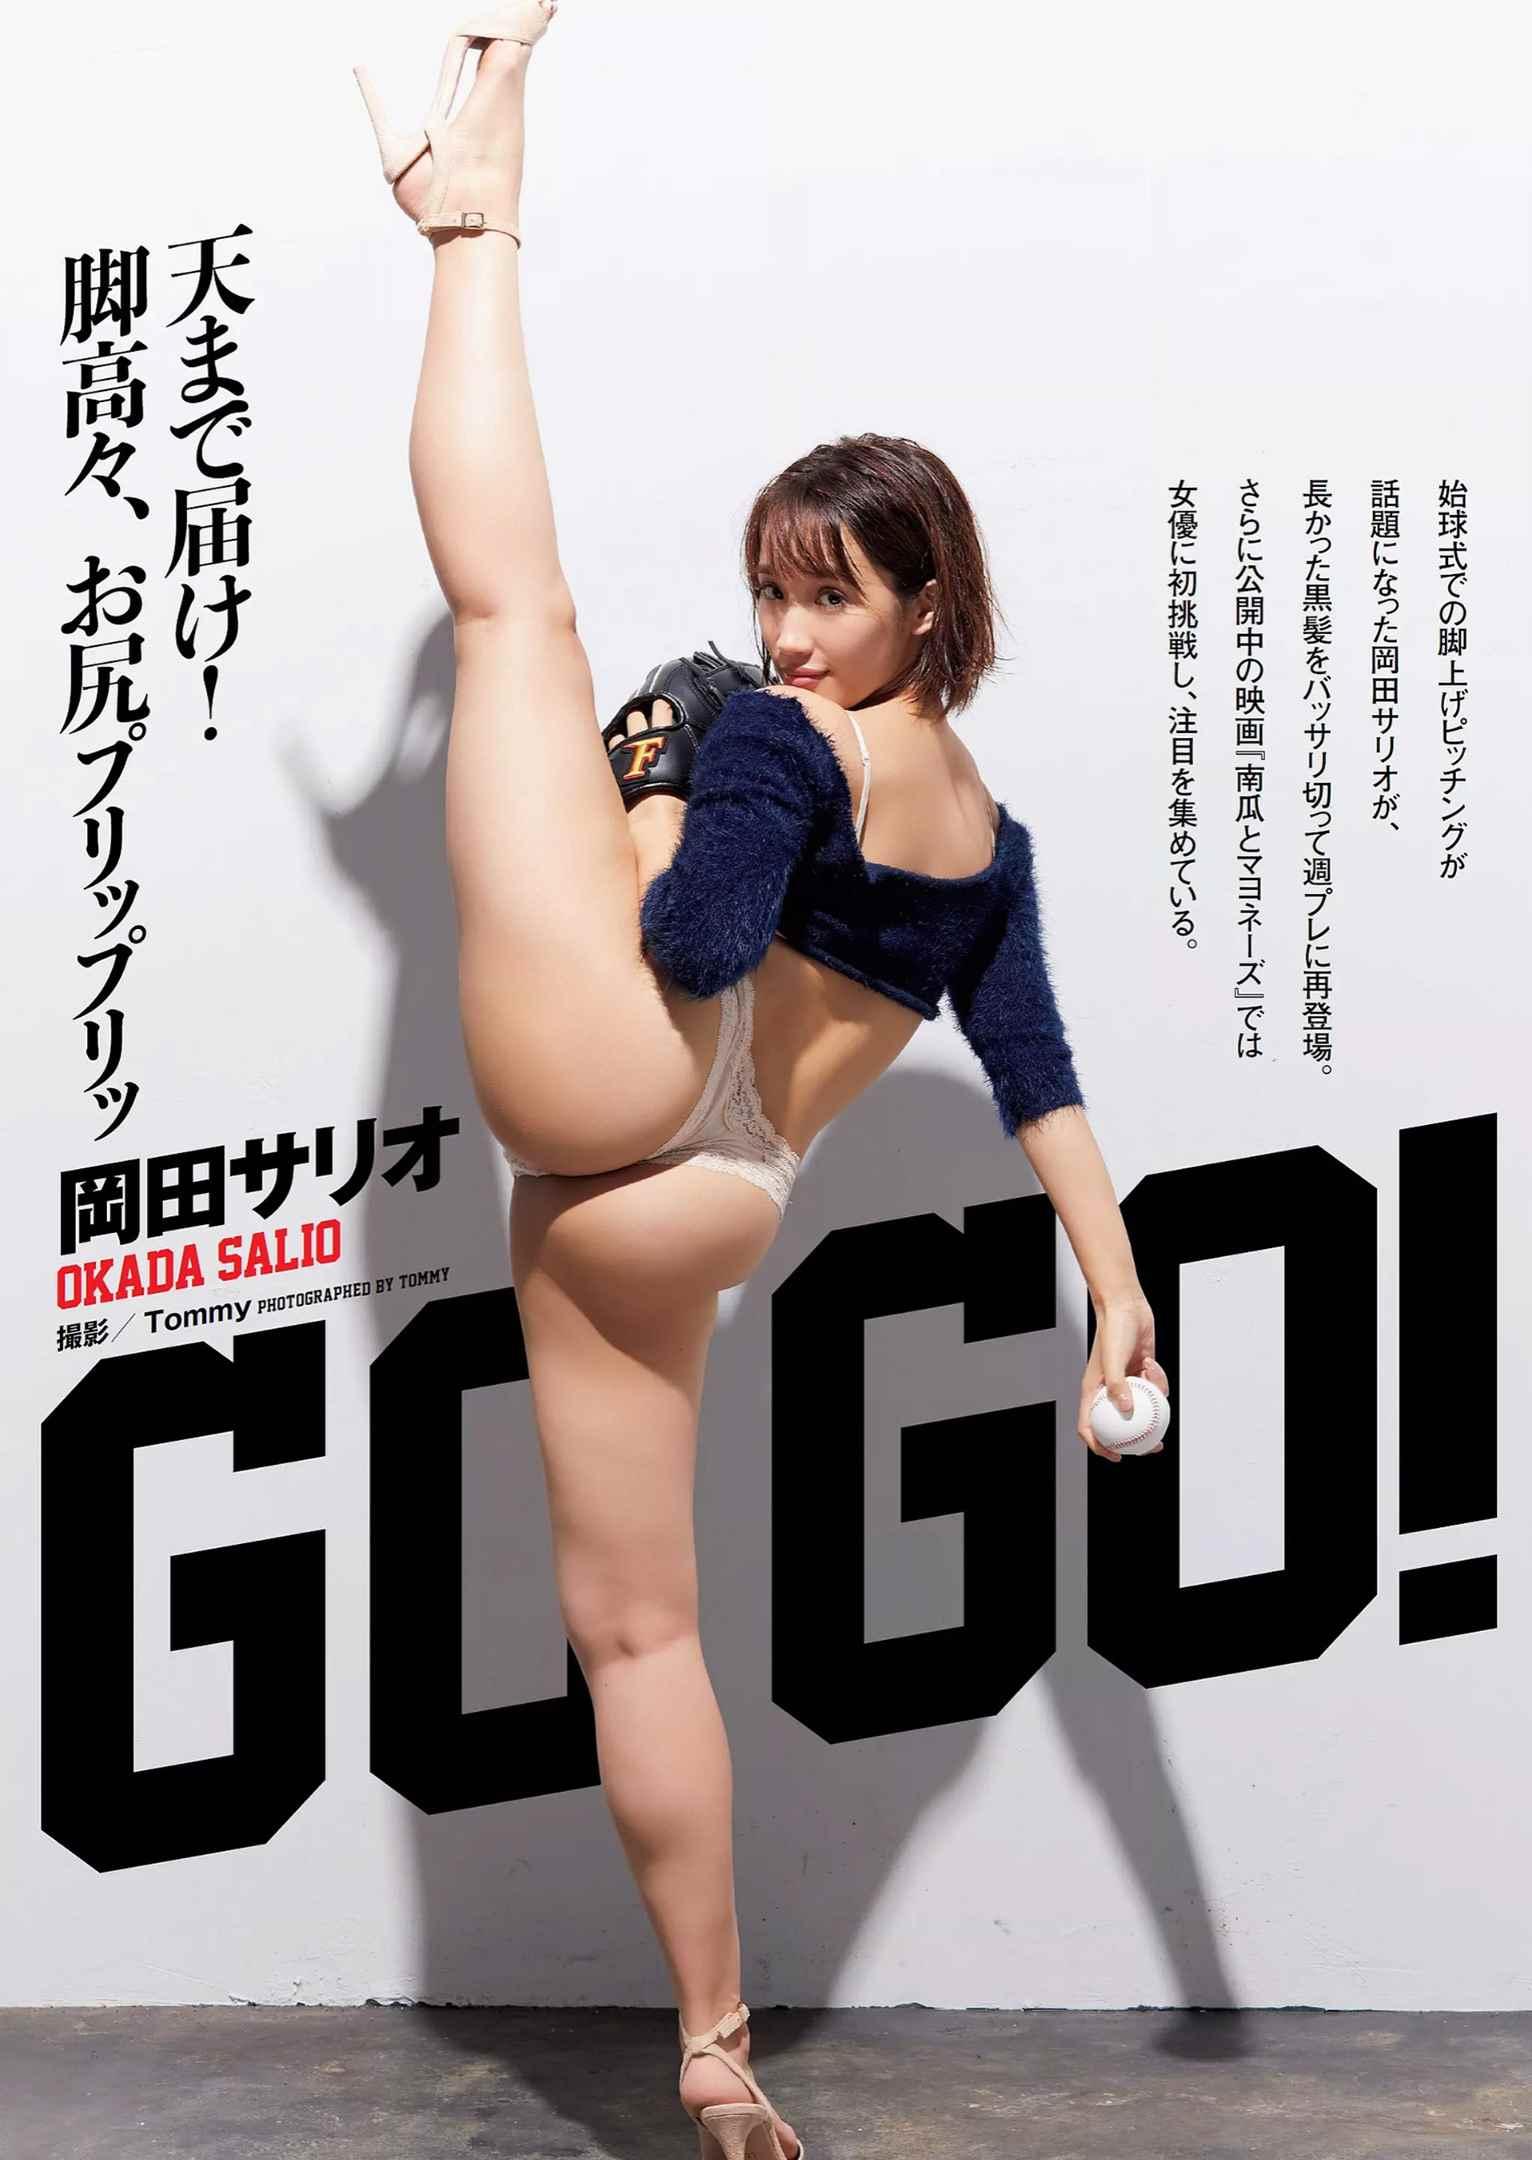 岡田サリオ(24)の超美尻!大開脚グラビアエロ画像50枚・2枚目の画像